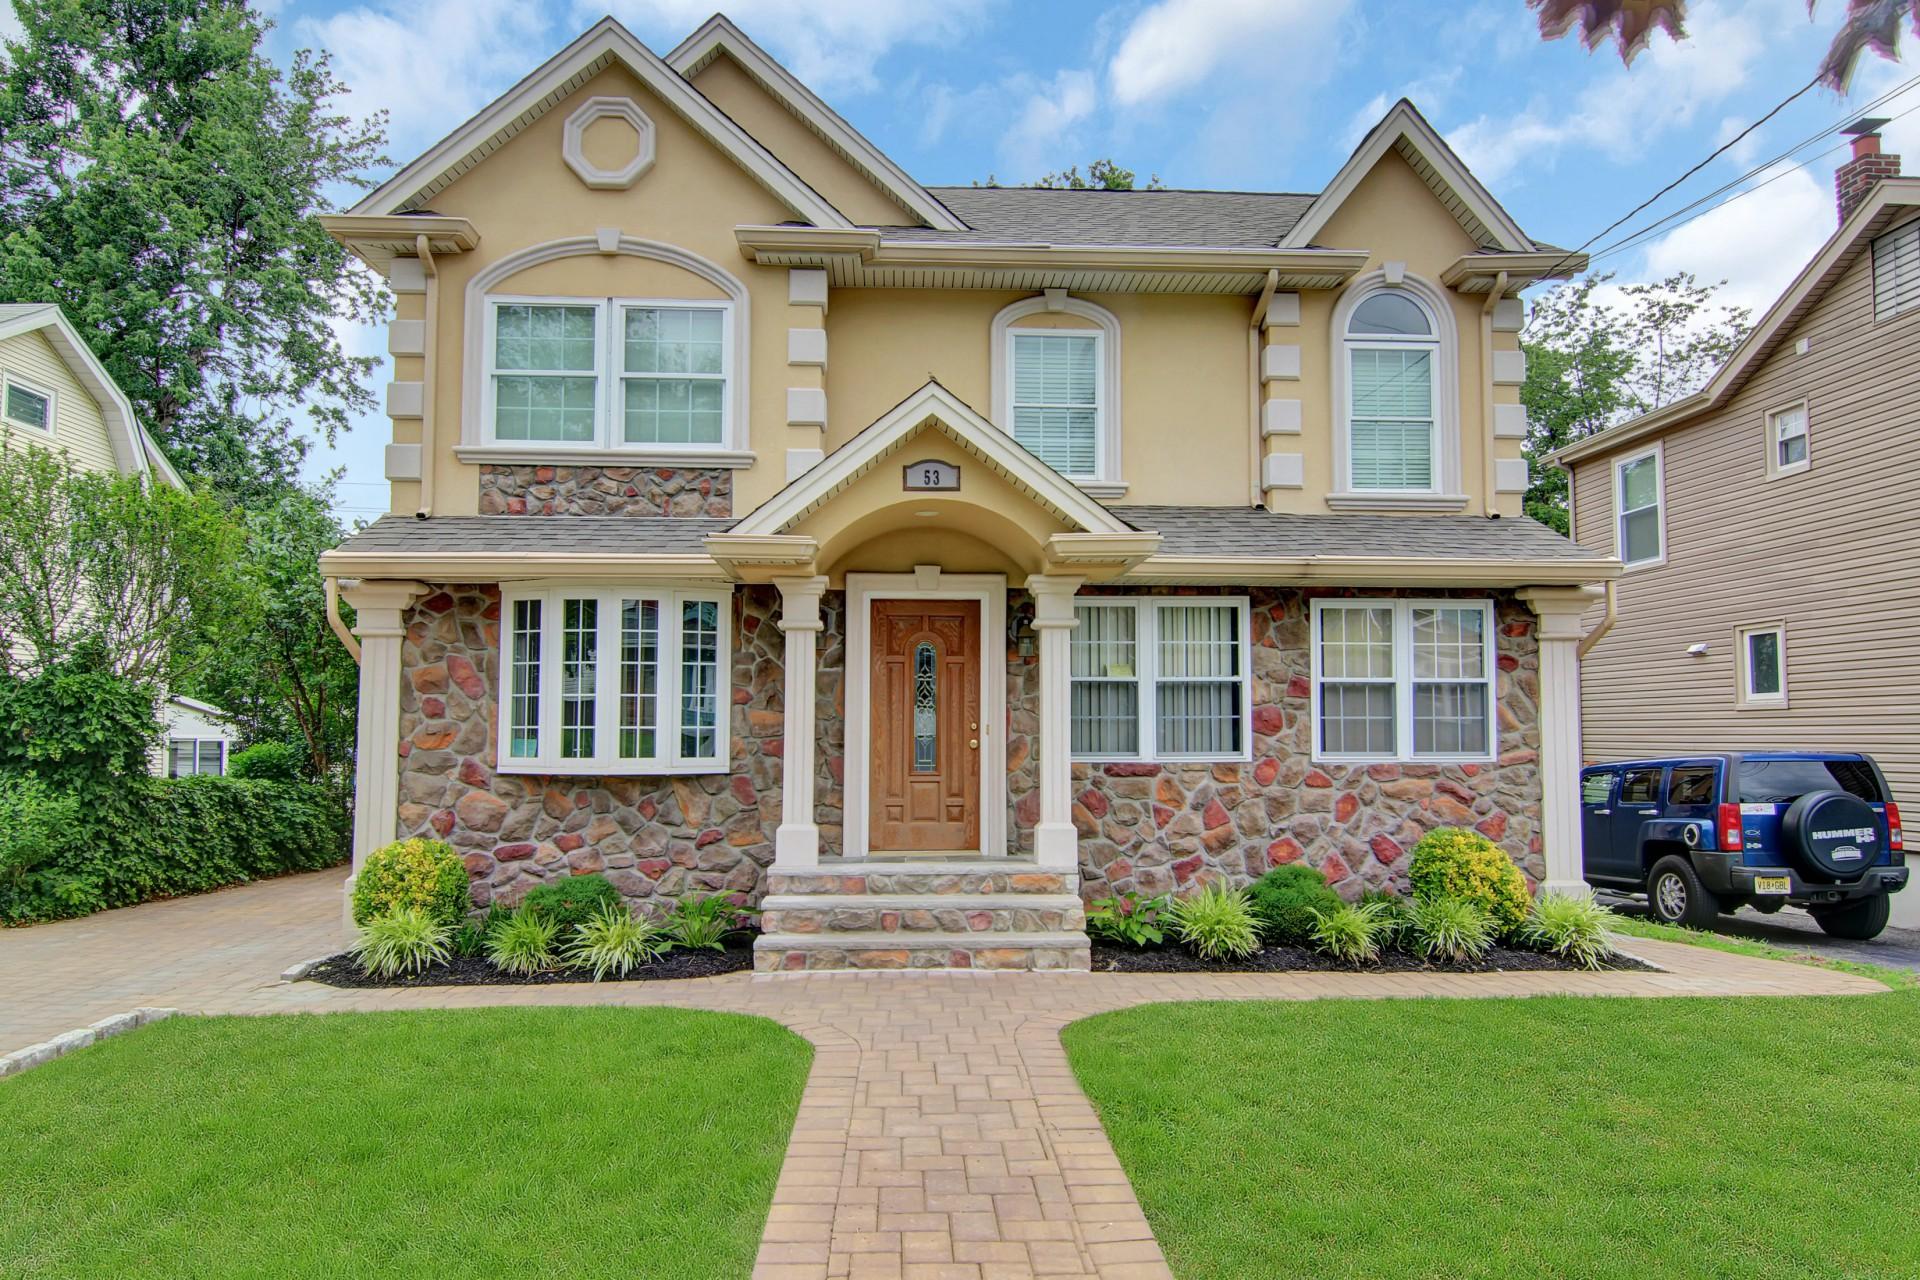 Maison unifamiliale pour l Vente à Updated Colonial 53 Ralph St Bergenfield, New Jersey 07621 États-Unis